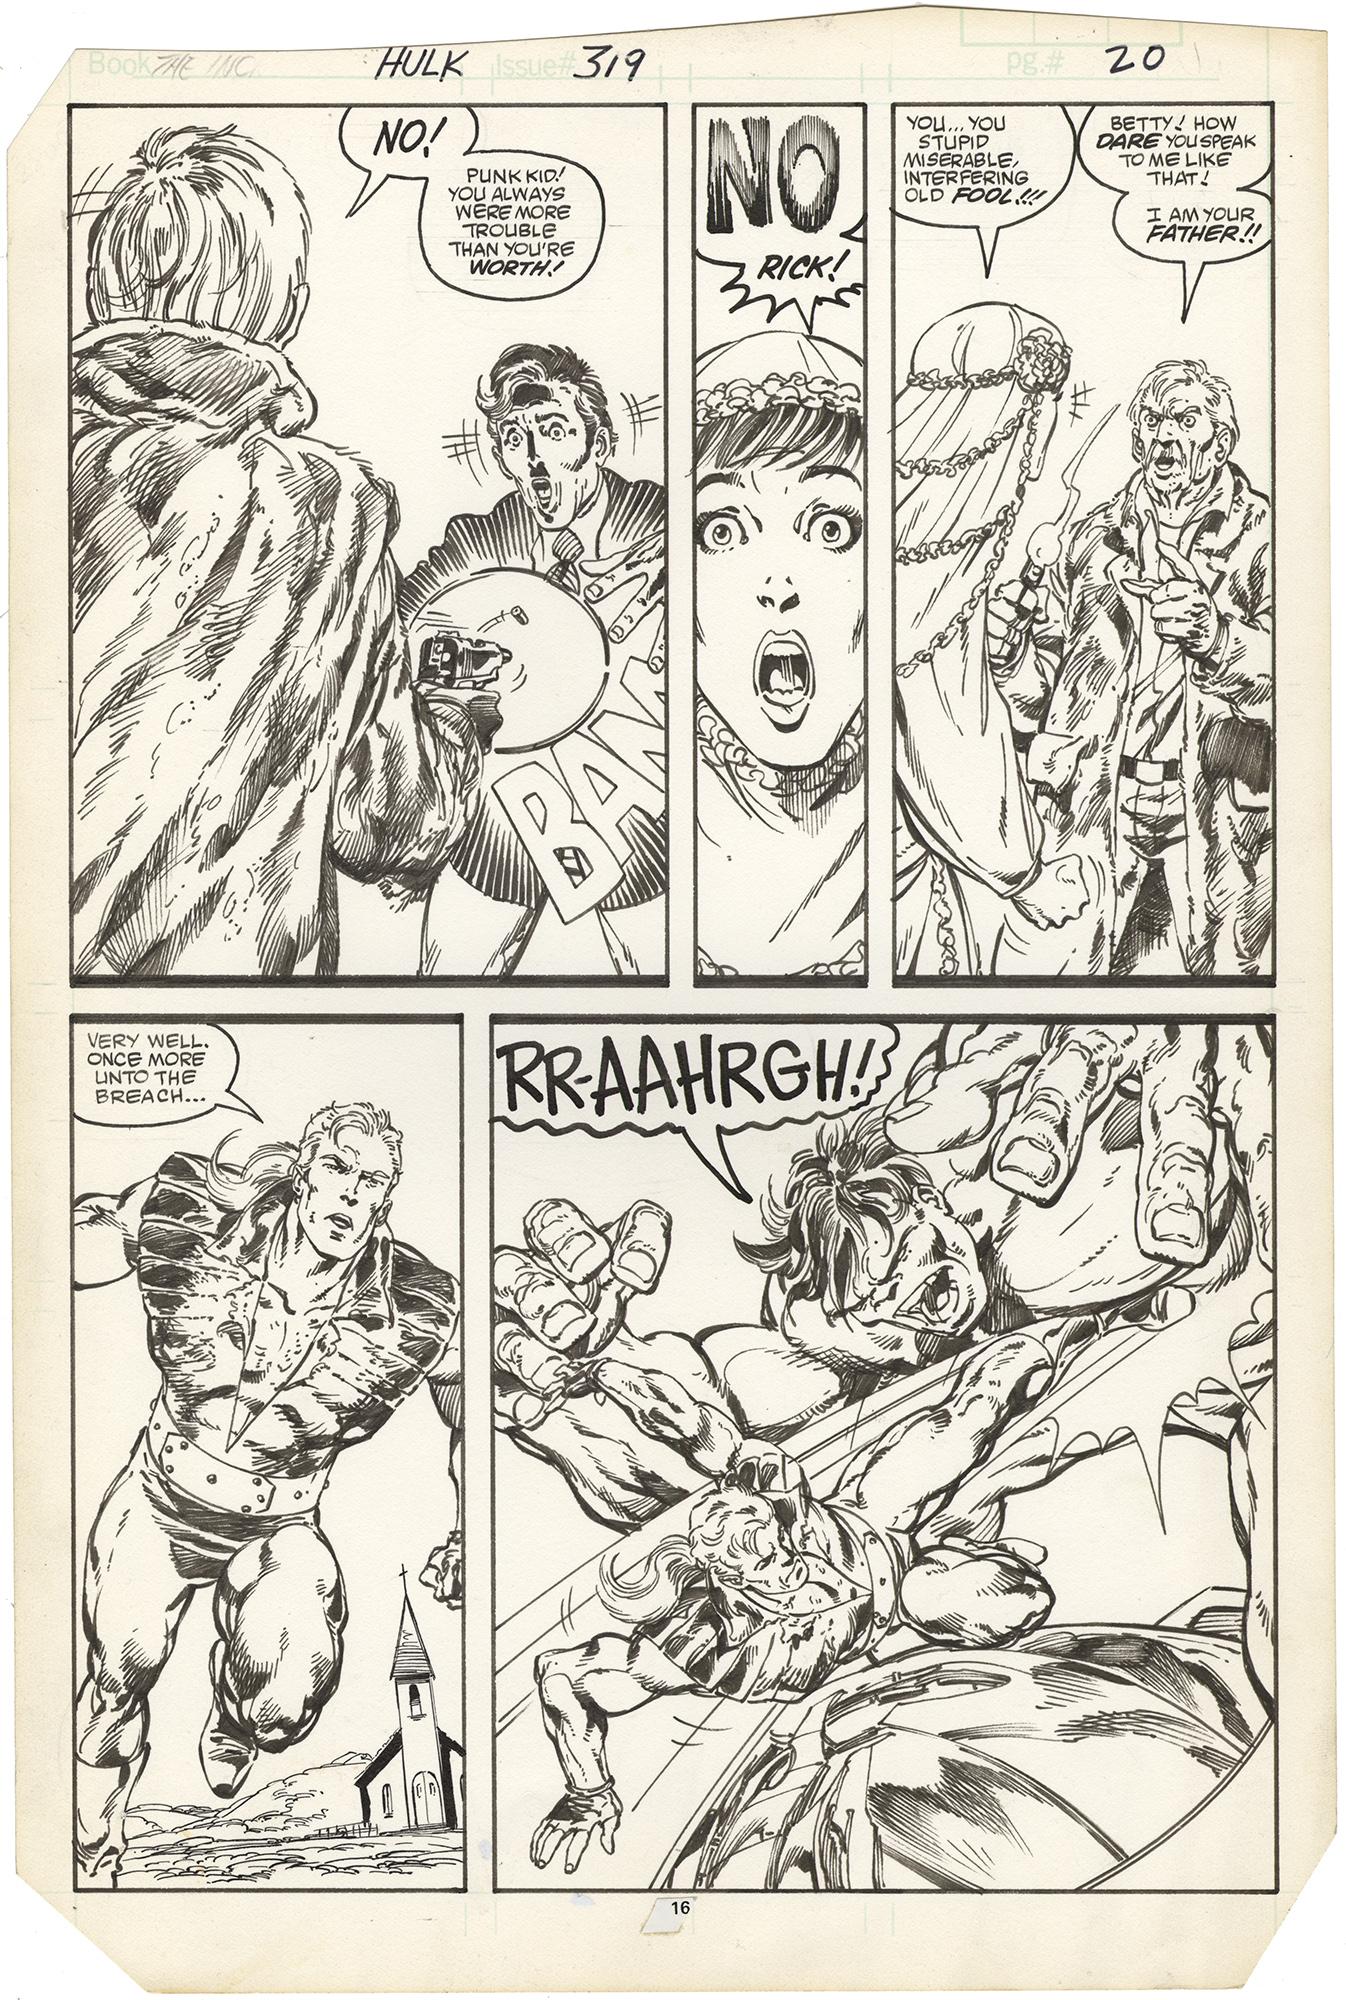 Incredible Hulk #319 p16